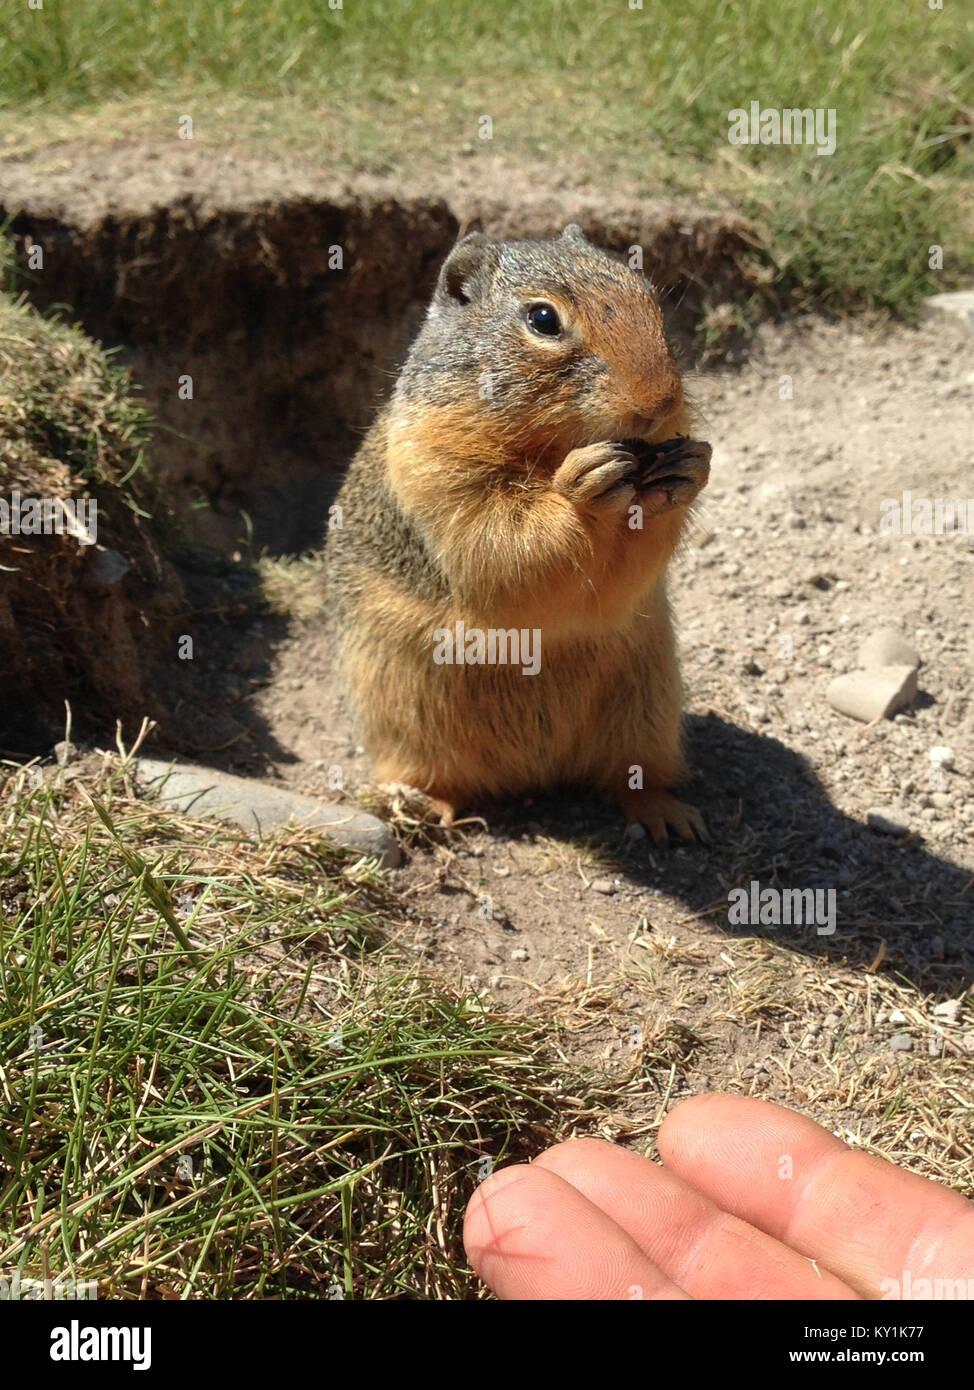 Columbian ground squirrel (Urocitellus columbianus) - Stock Image